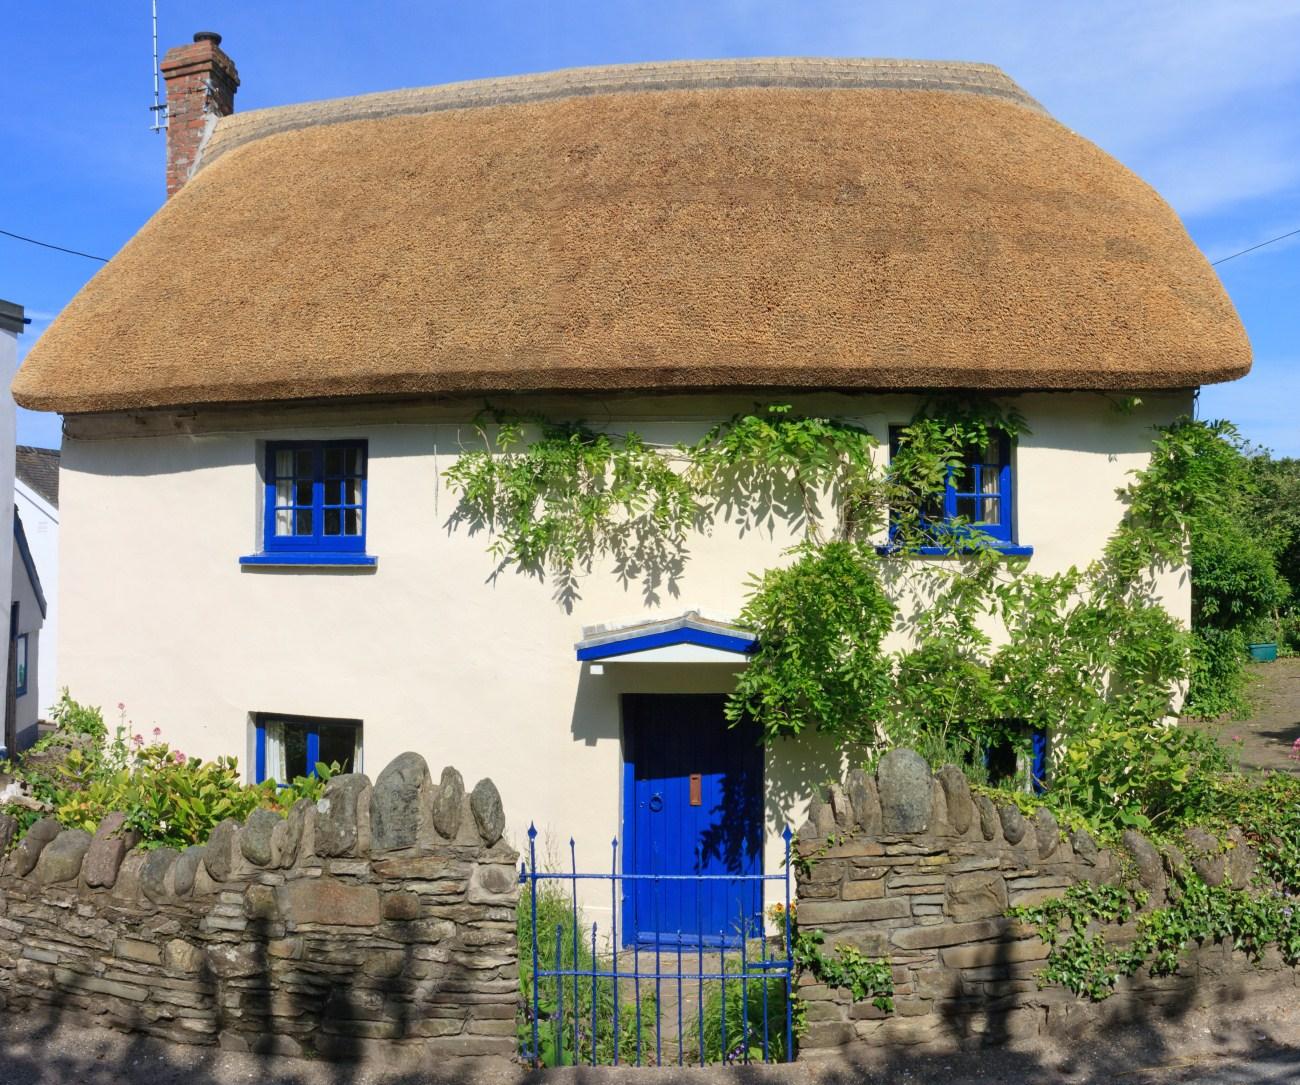 Margarets-Cottage-merged-Images-v3